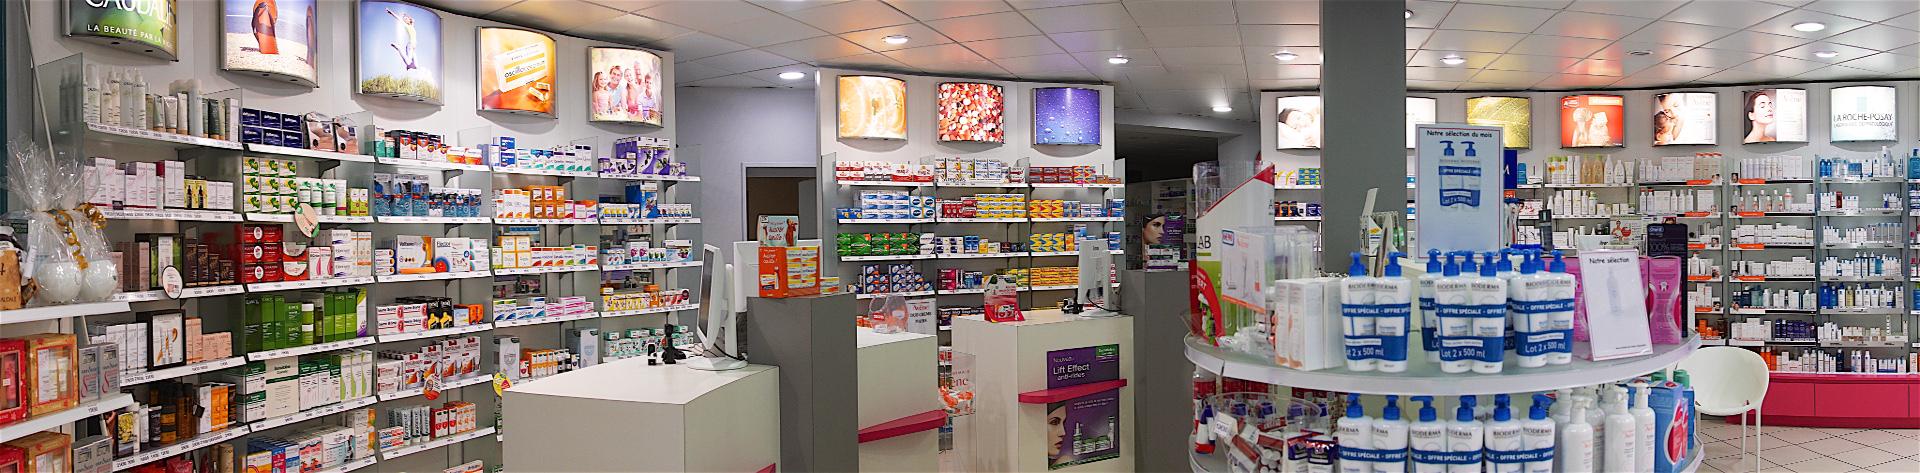 Pharmacie Pasquier intérieur